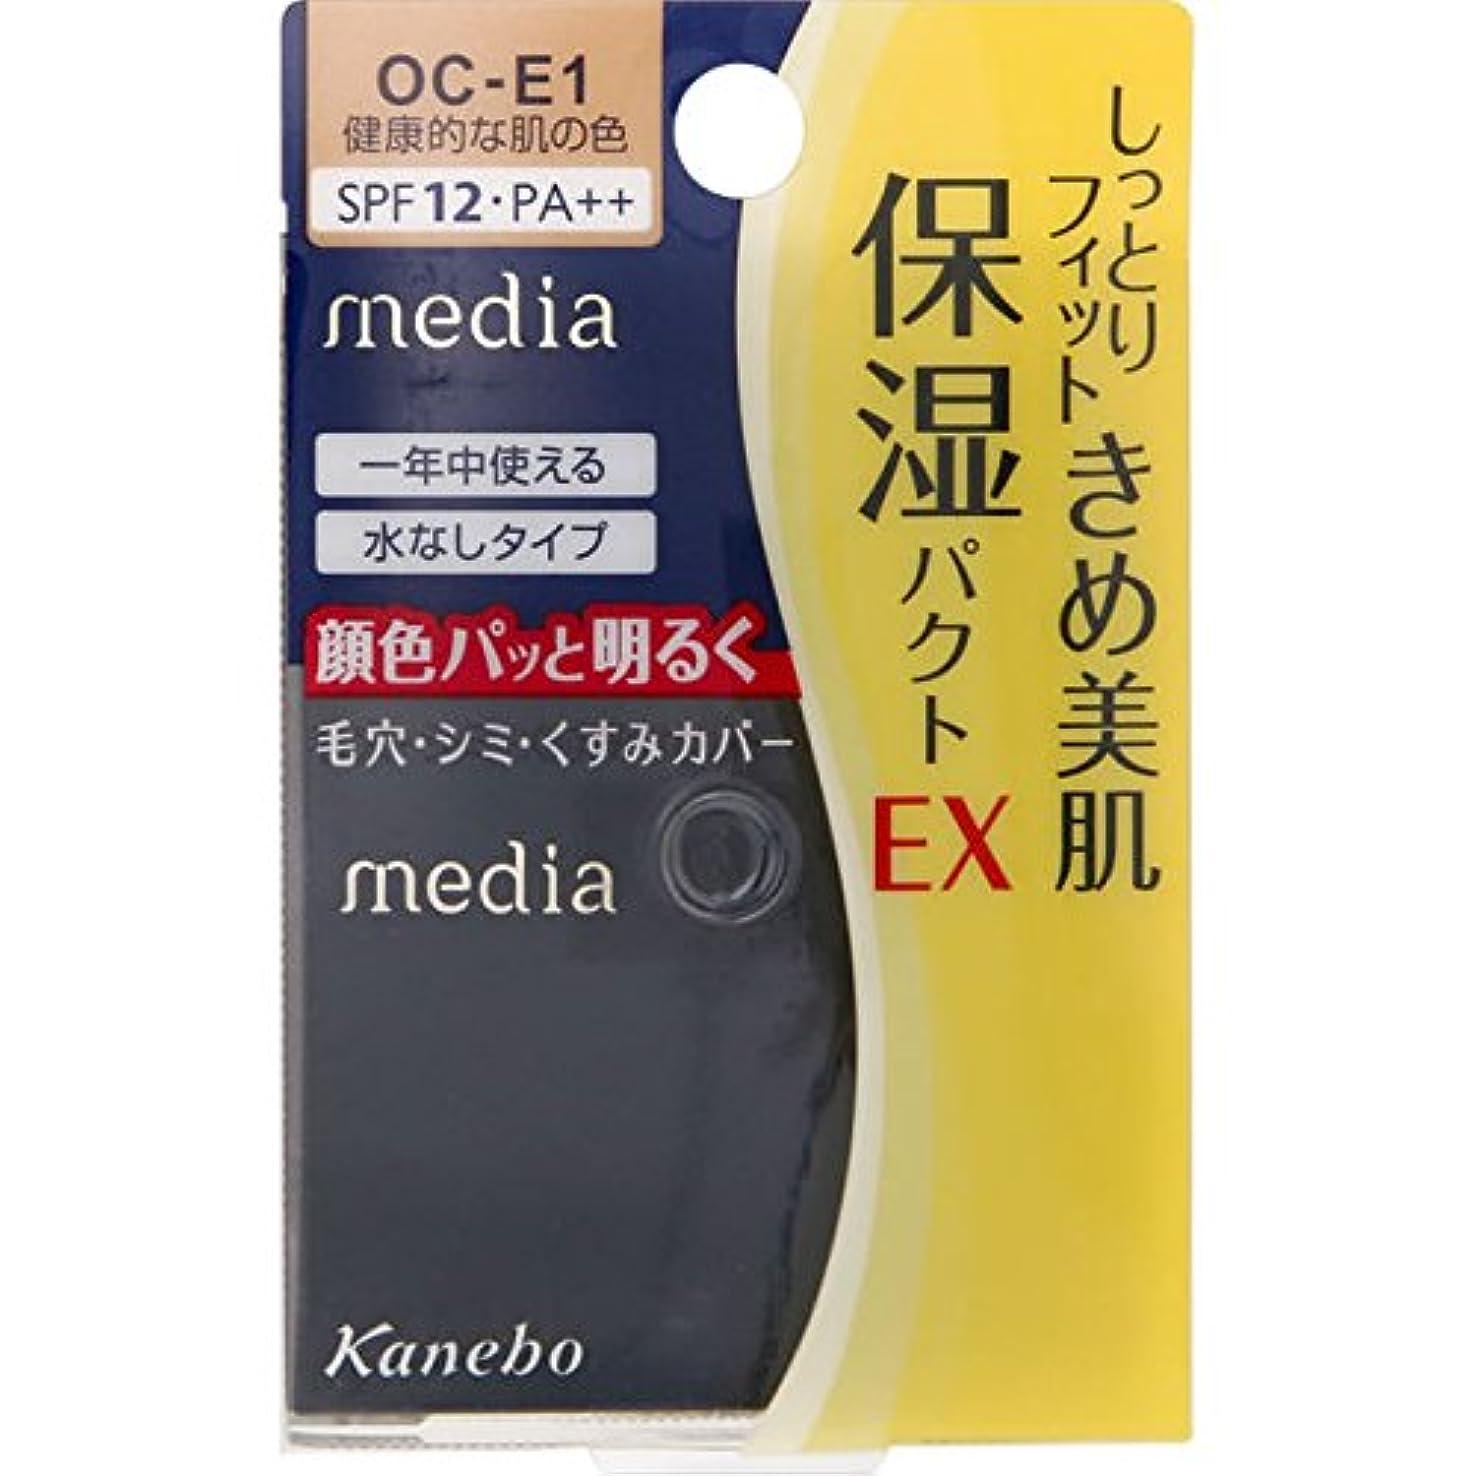 口衣服乱雑なカネボウ メディア モイストフィットパクトEX OC-E1(11g)